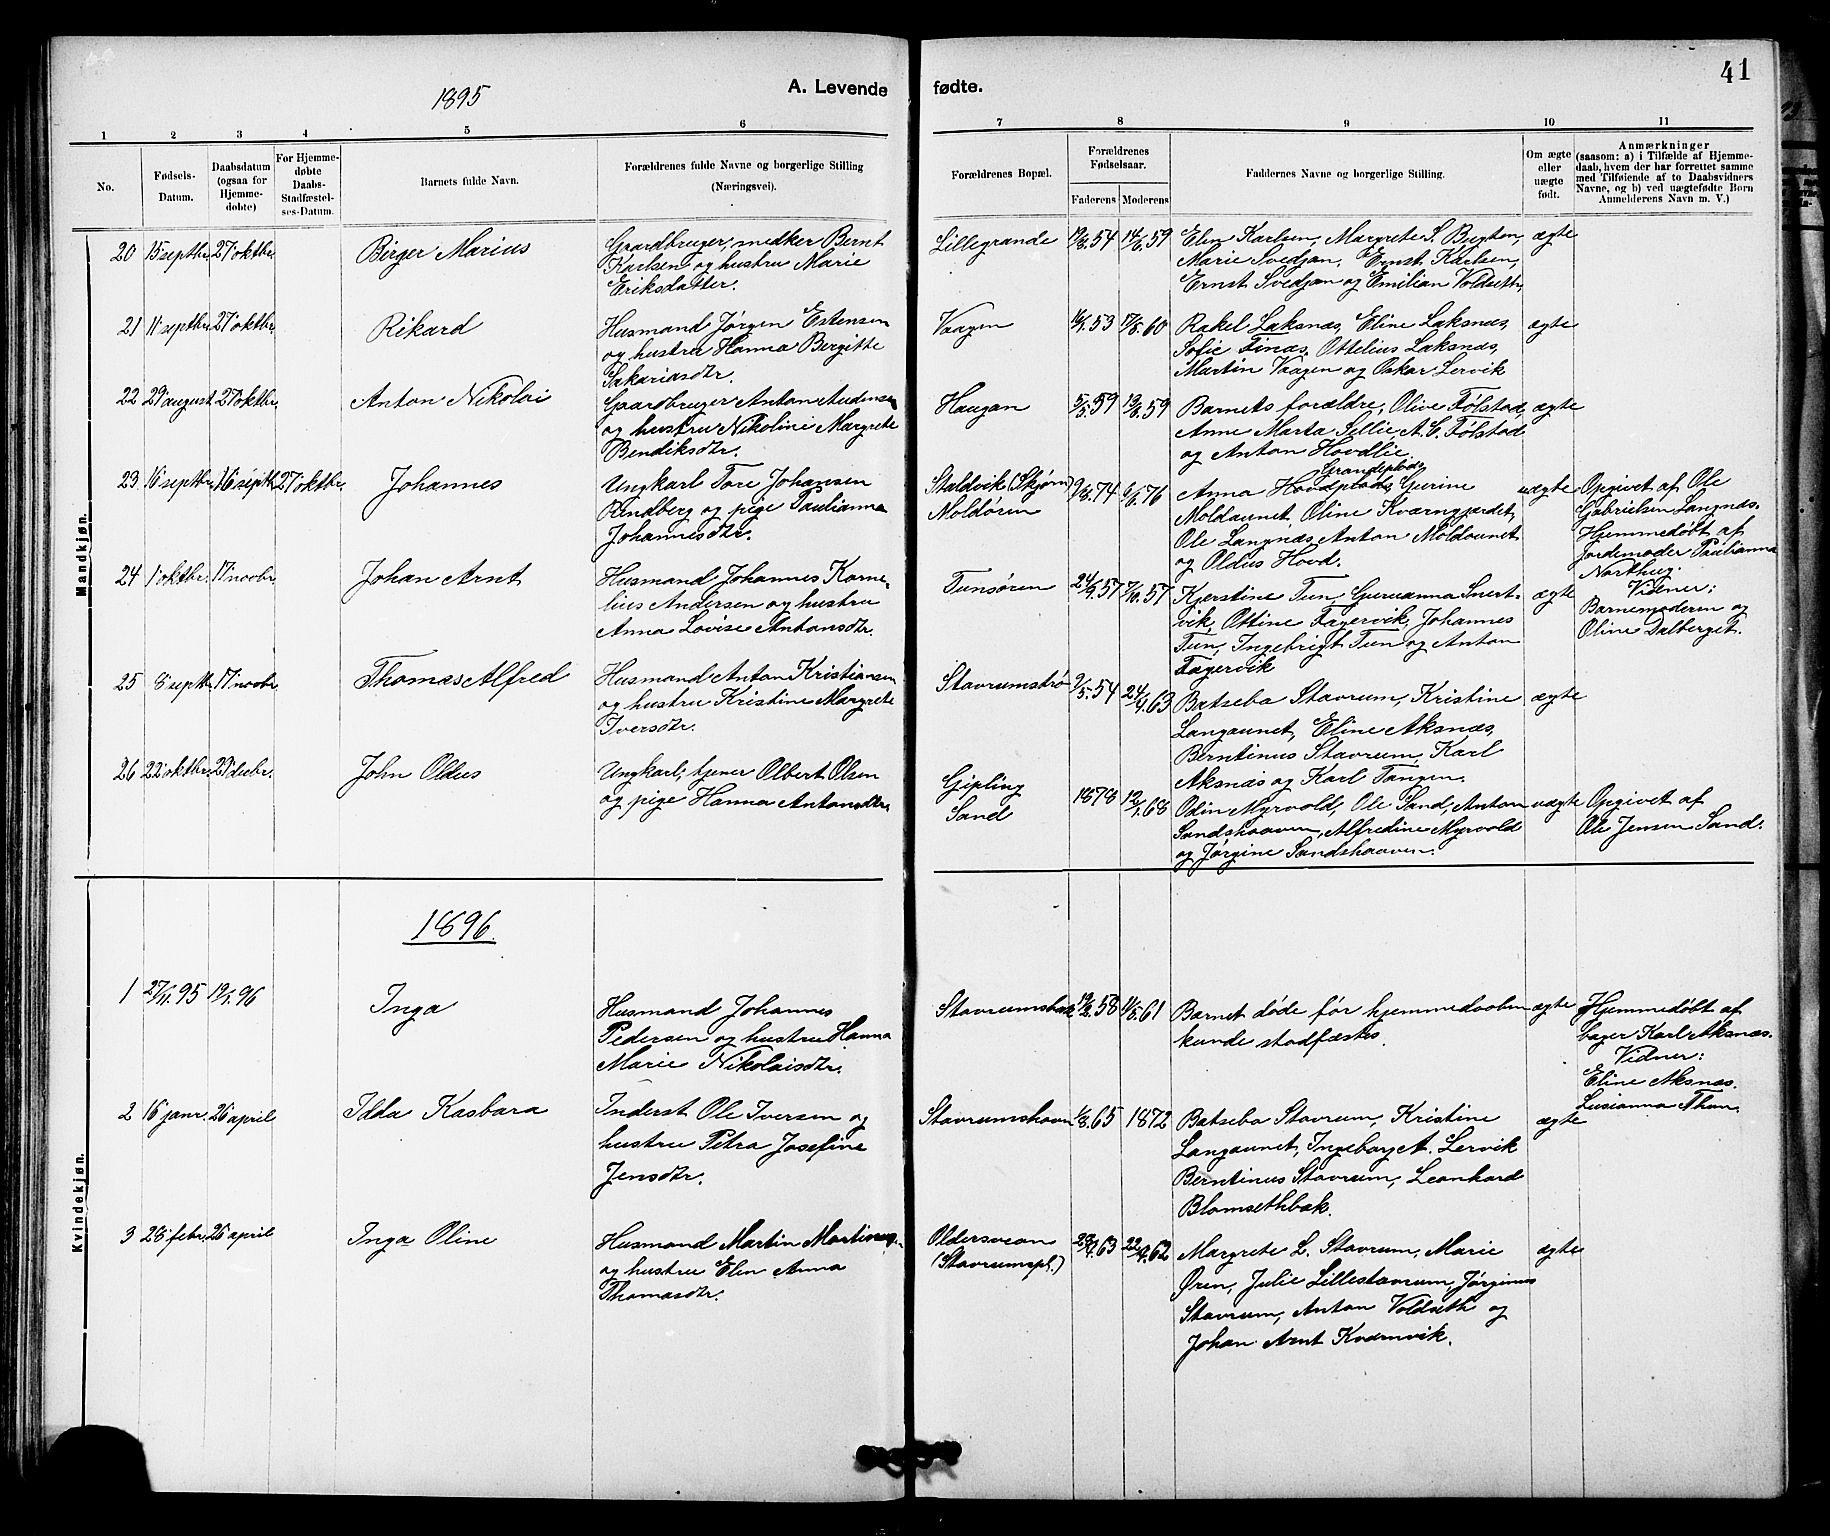 SAT, Ministerialprotokoller, klokkerbøker og fødselsregistre - Nord-Trøndelag, 744/L0423: Klokkerbok nr. 744C02, 1886-1905, s. 41